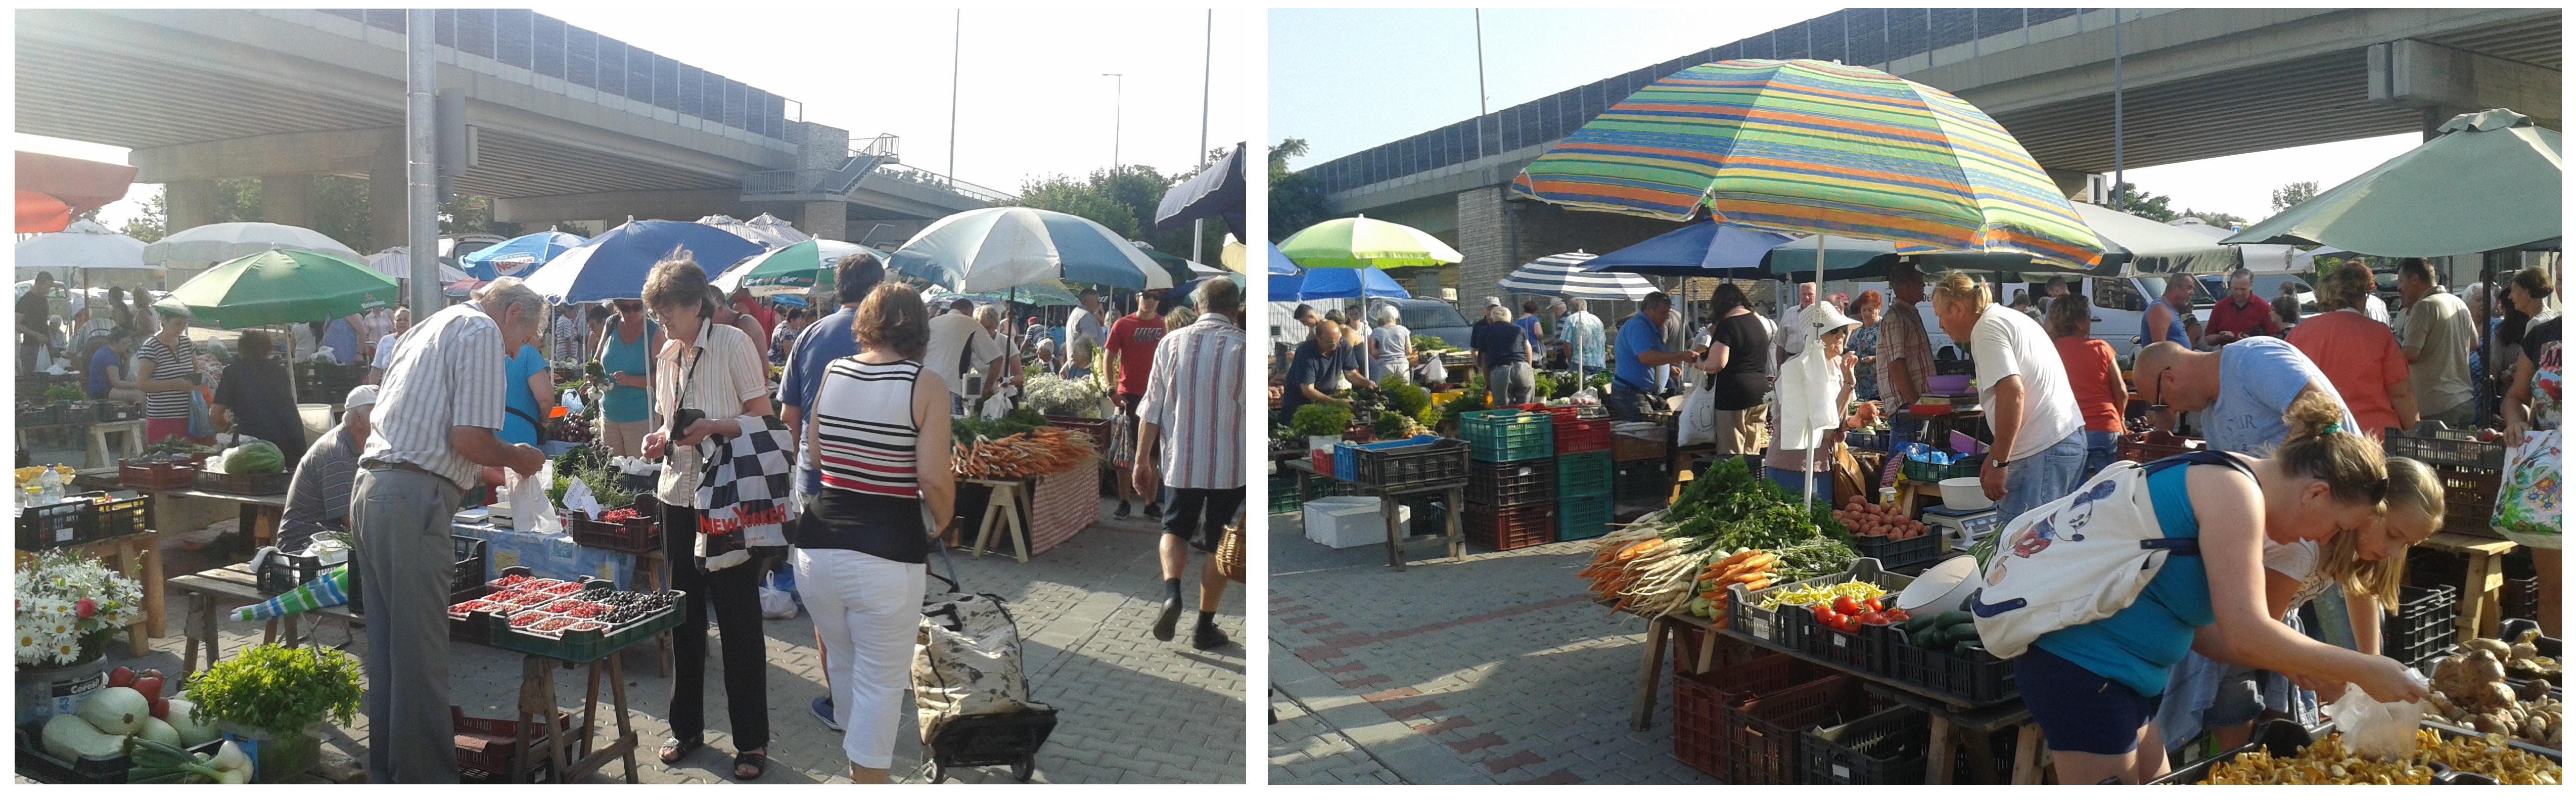 Tarcsay úti piac - Győr